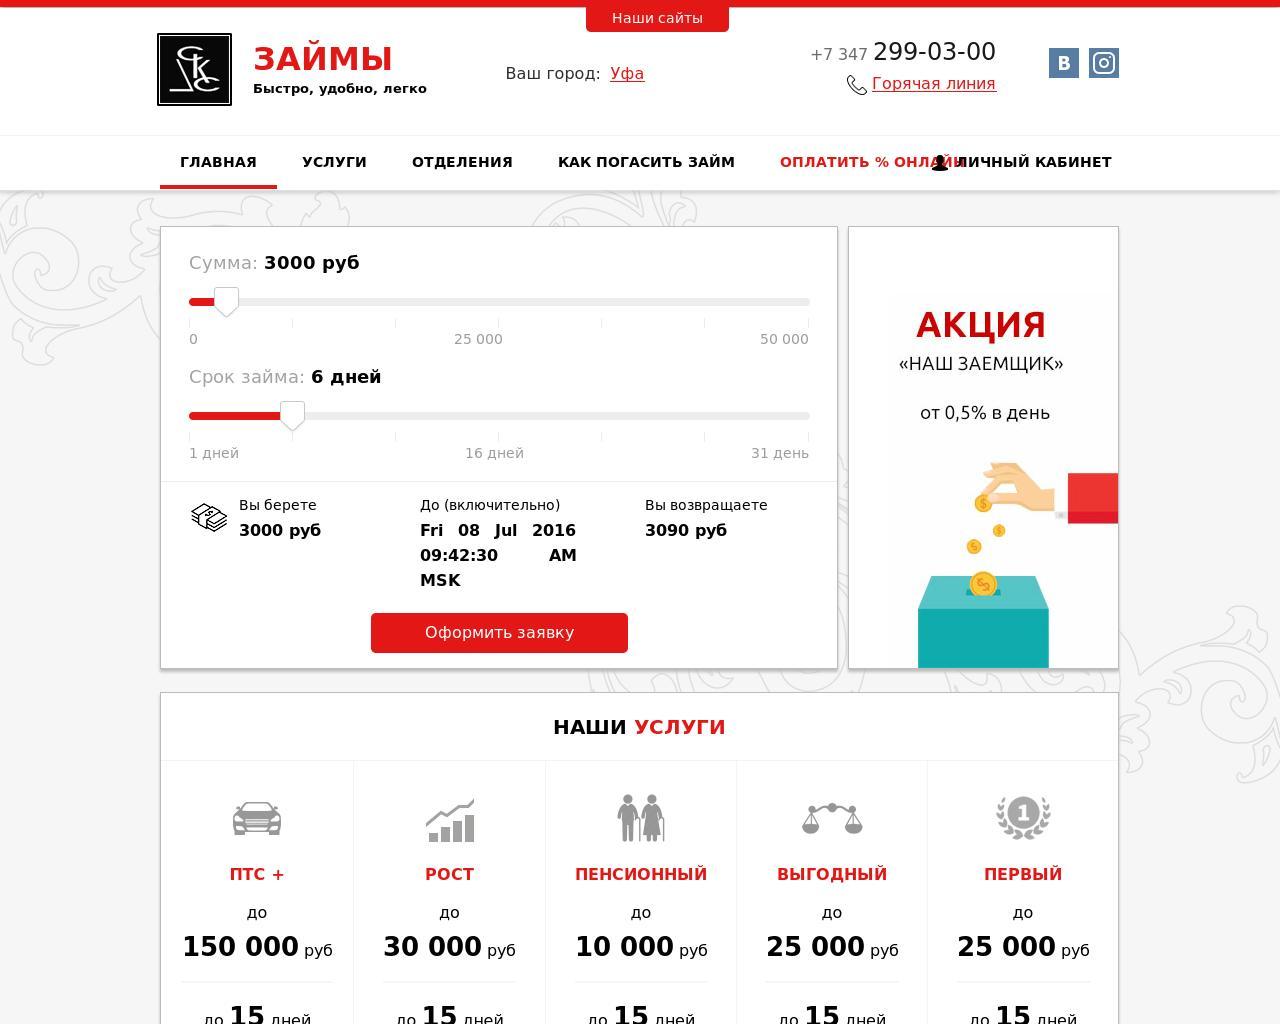 Выдаем займы по всей России СРОЧНЫЕ МИКРОЗАЙМЫ ОНЛАЙН ЗА 5 МИНУТ по ставке от 0,9